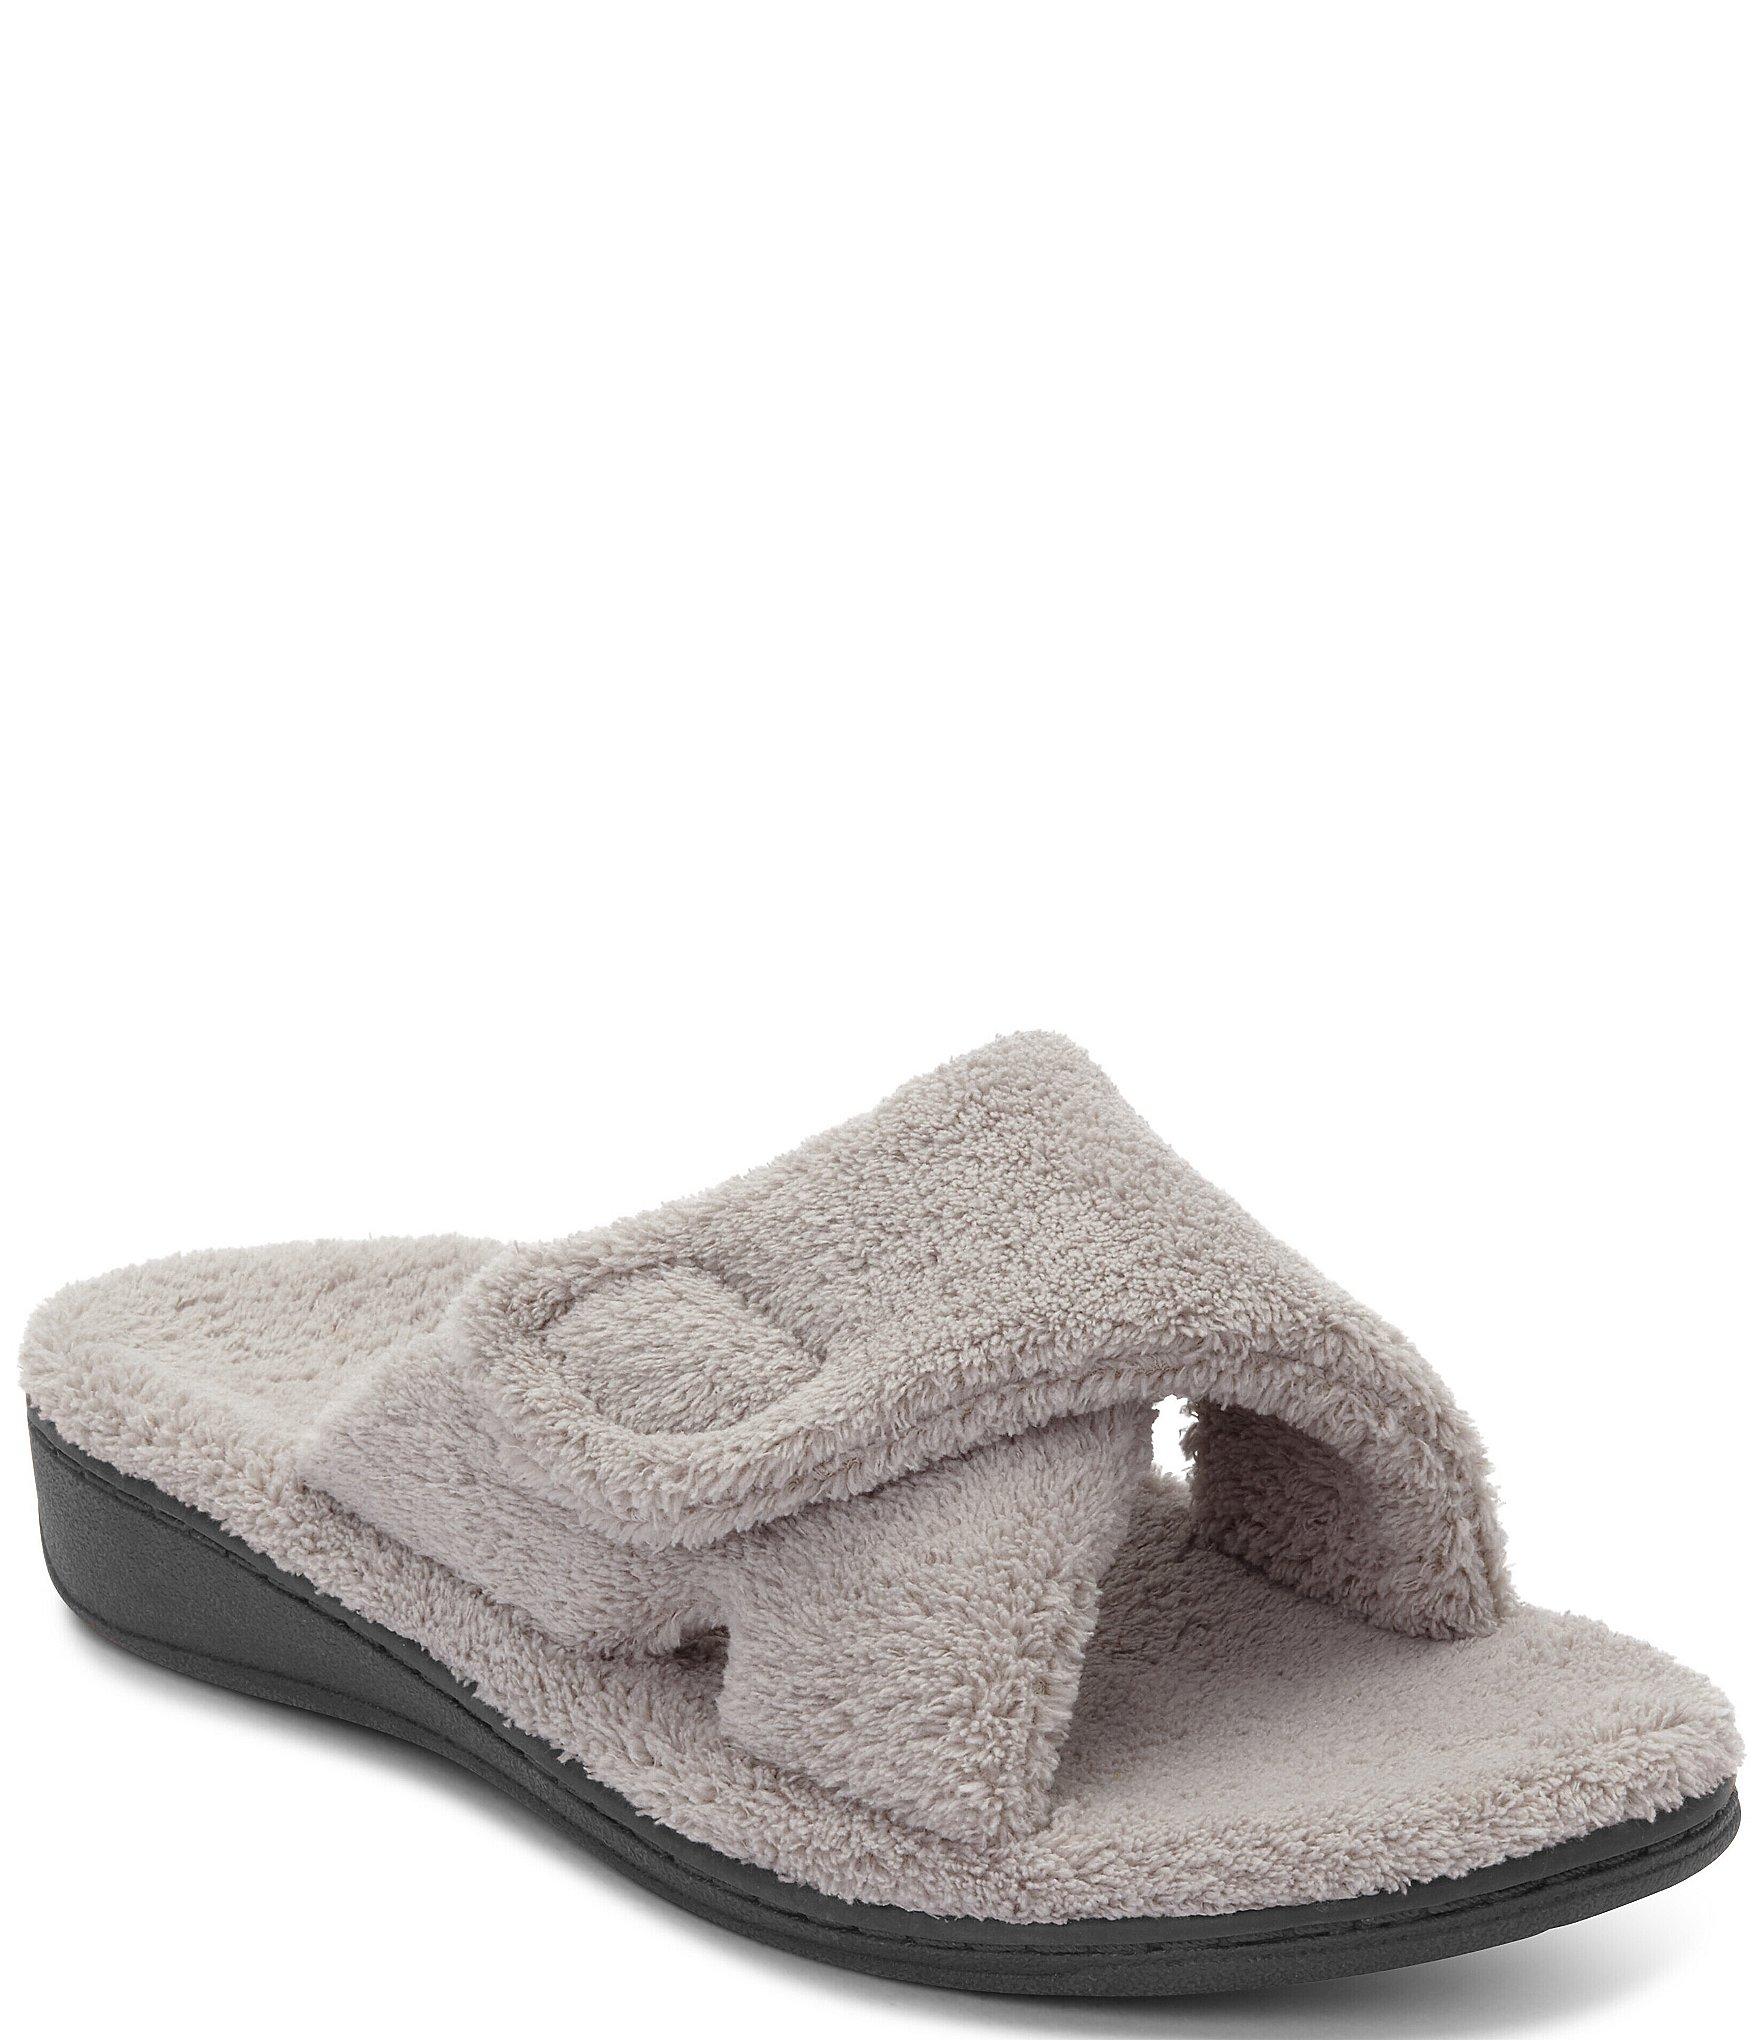 bec17b5e9ddf5 Women s Slippers